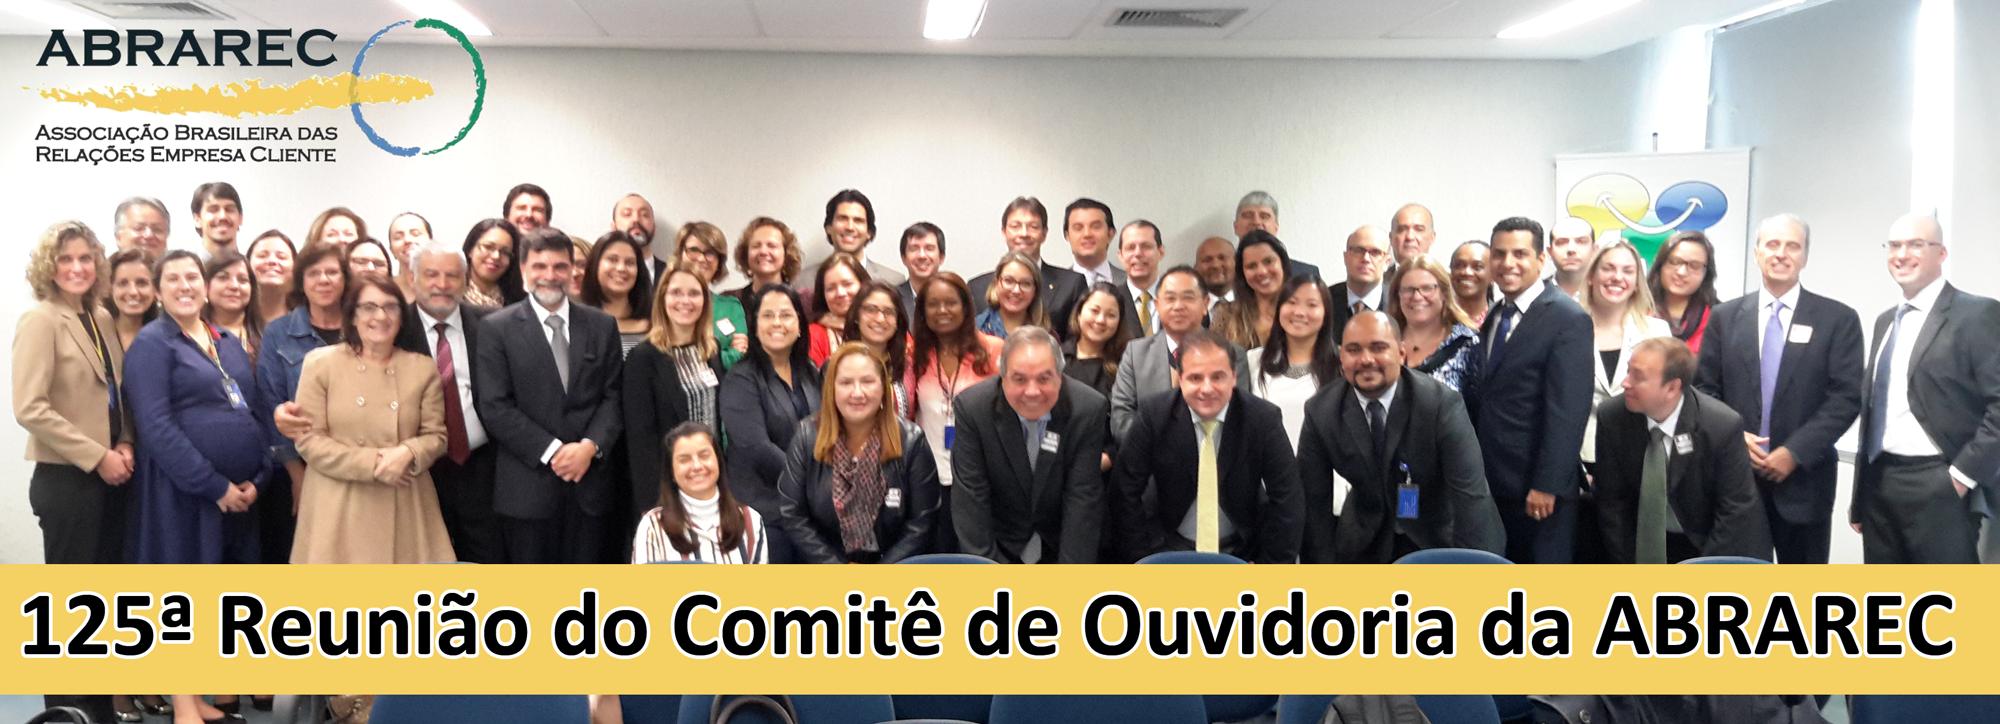 125ª Reunião do Comitê de Ouvidoria da ABRAREC